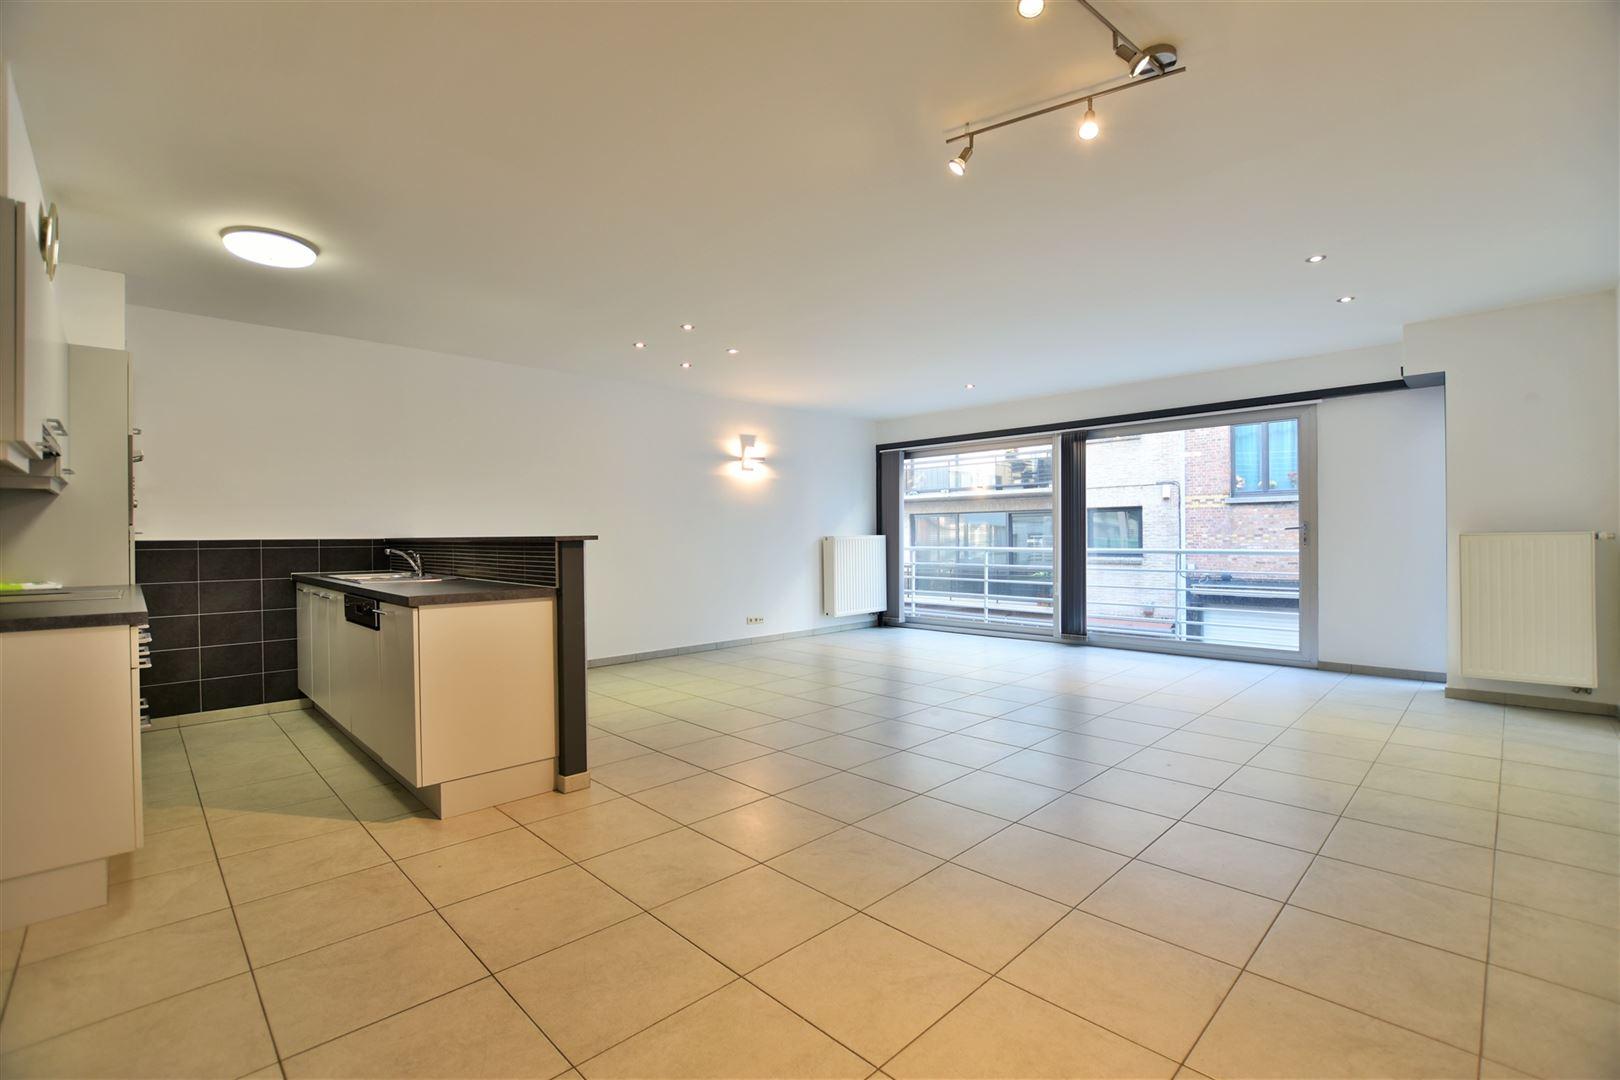 Foto 3 : Appartement te 8400 OOSTENDE (België) - Prijs € 299.000